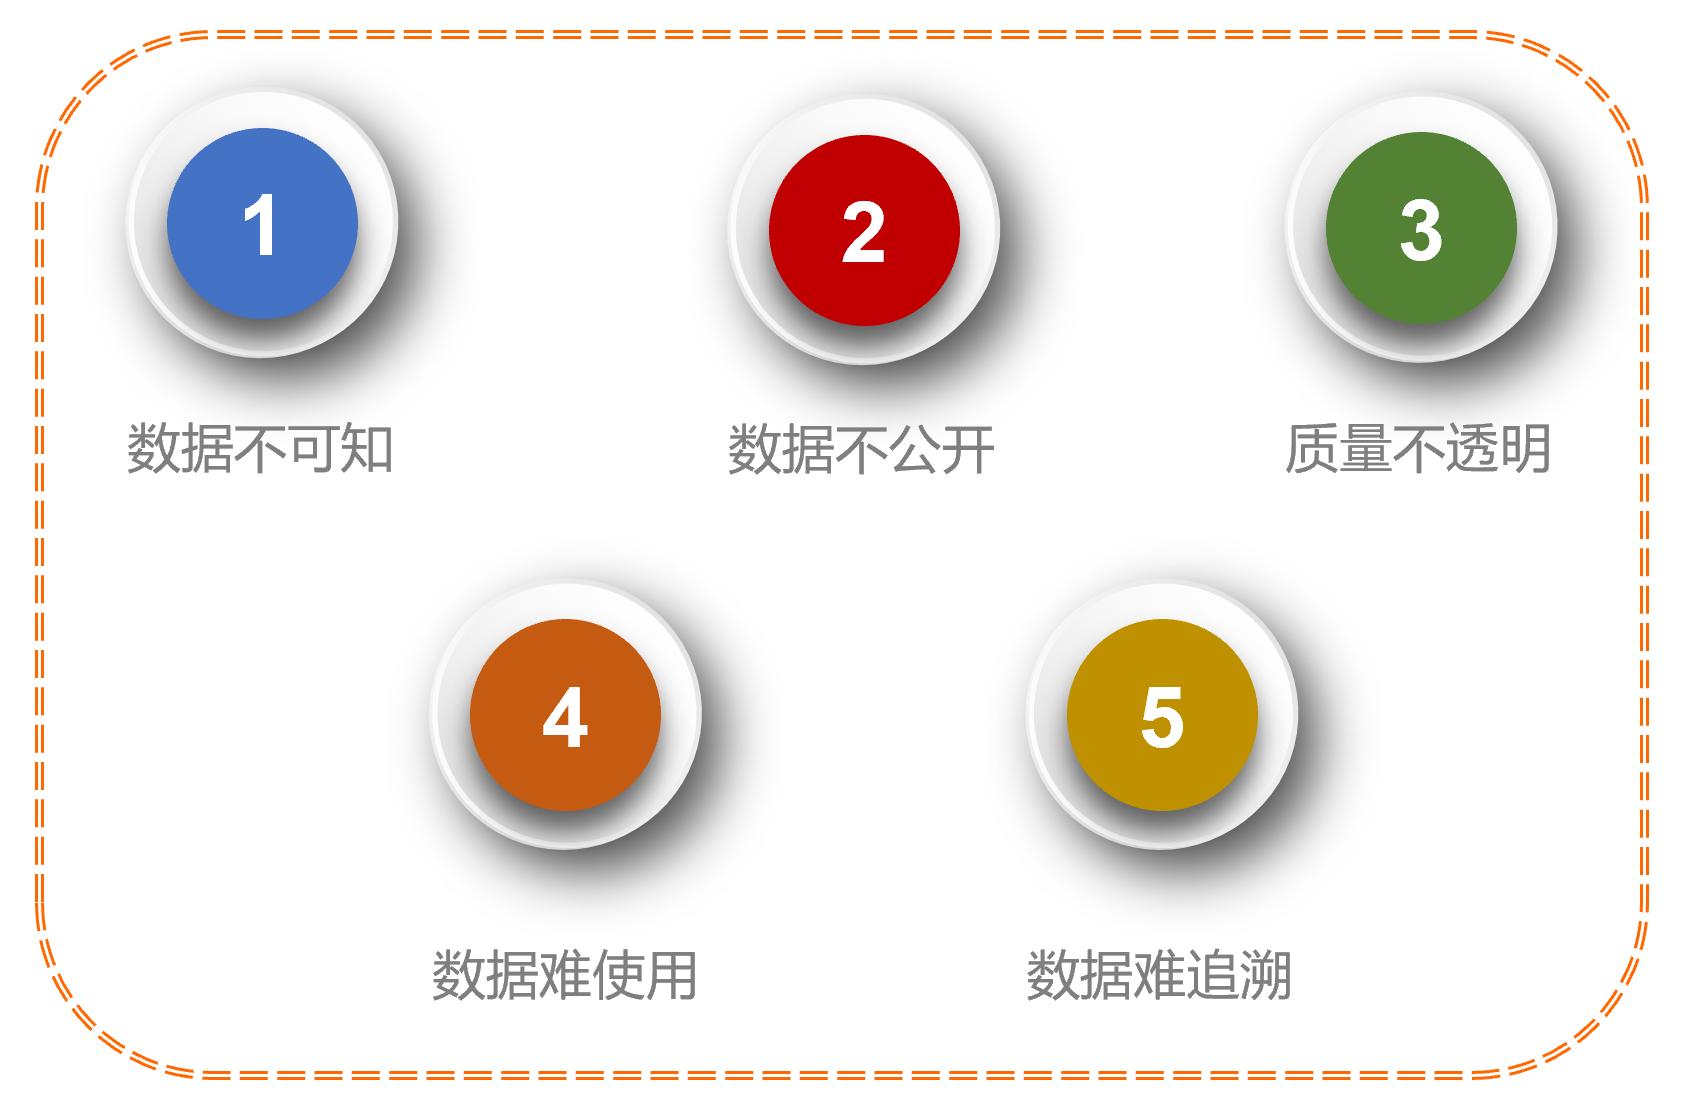 统一数据服务平台